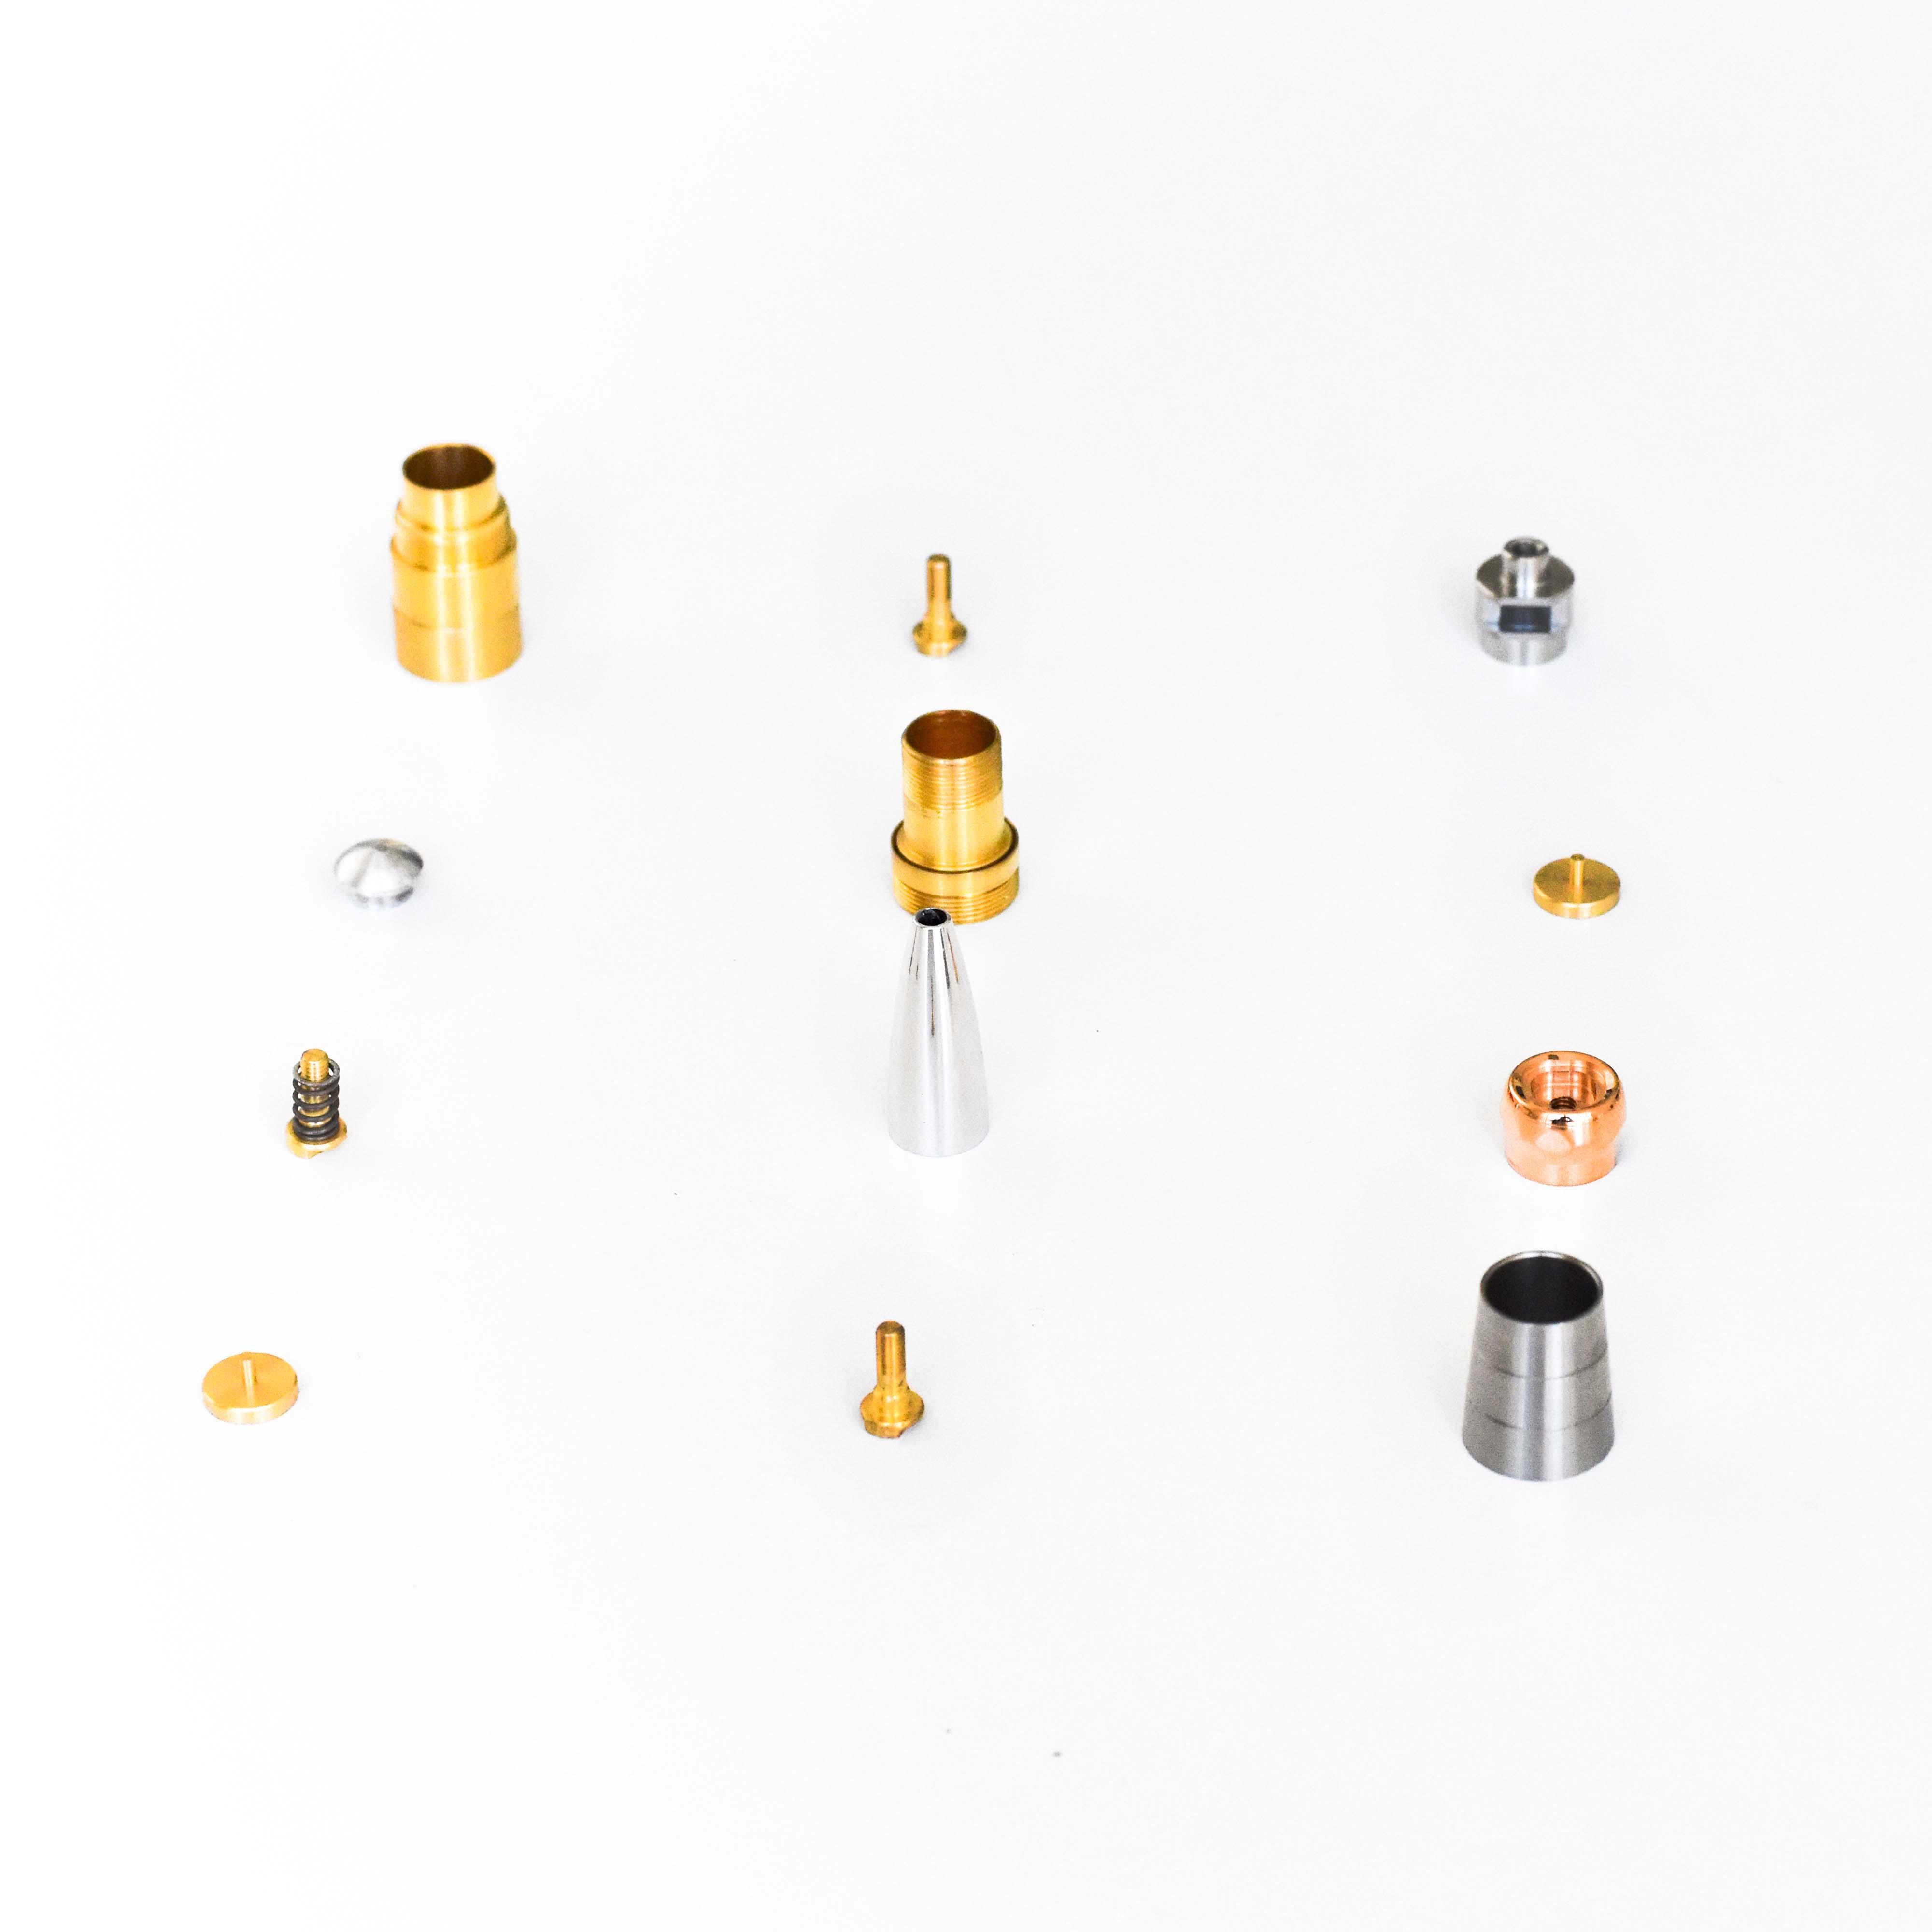 Componenti in acciaio, ottone, alluminio e bronzo